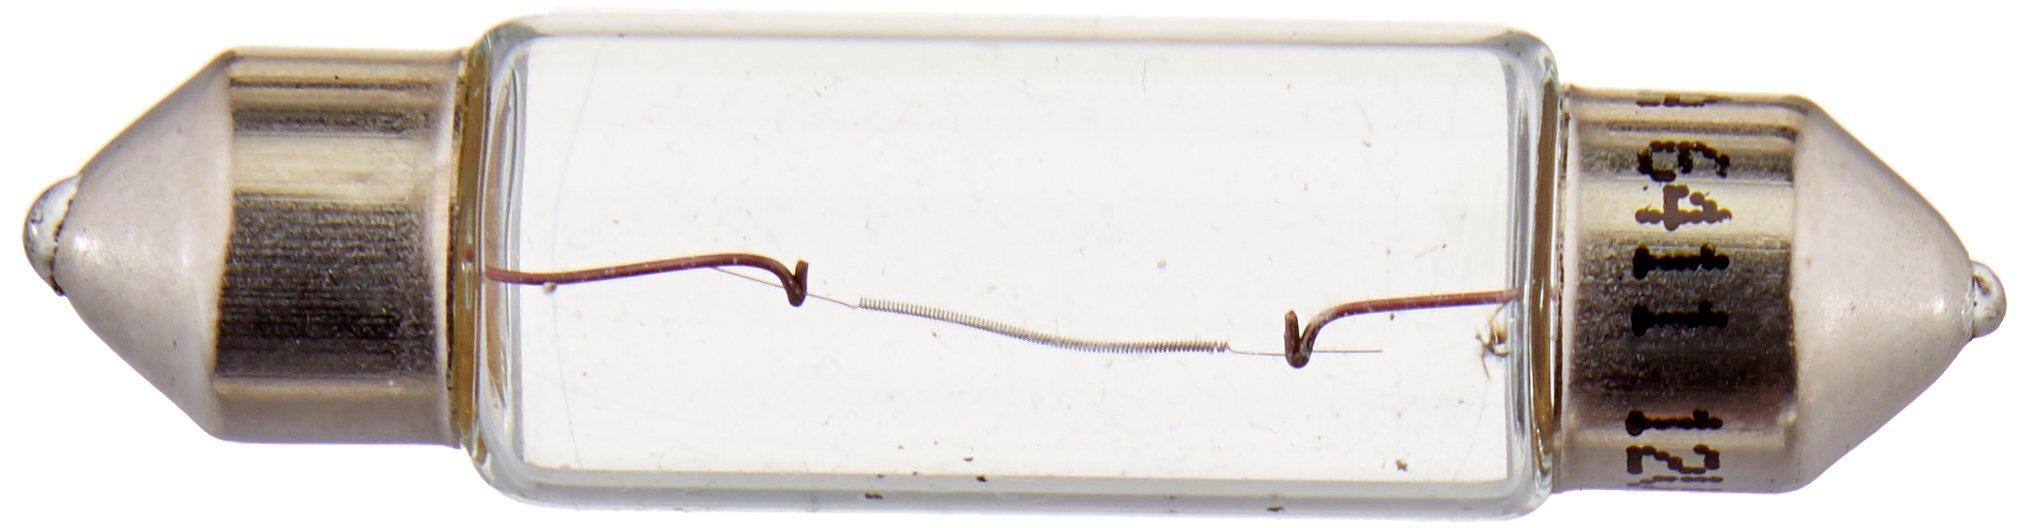 HELLA 6411TB Standard-10W Standard Miniature 6411 Bulbs, 12V, 10W, 2 Pack